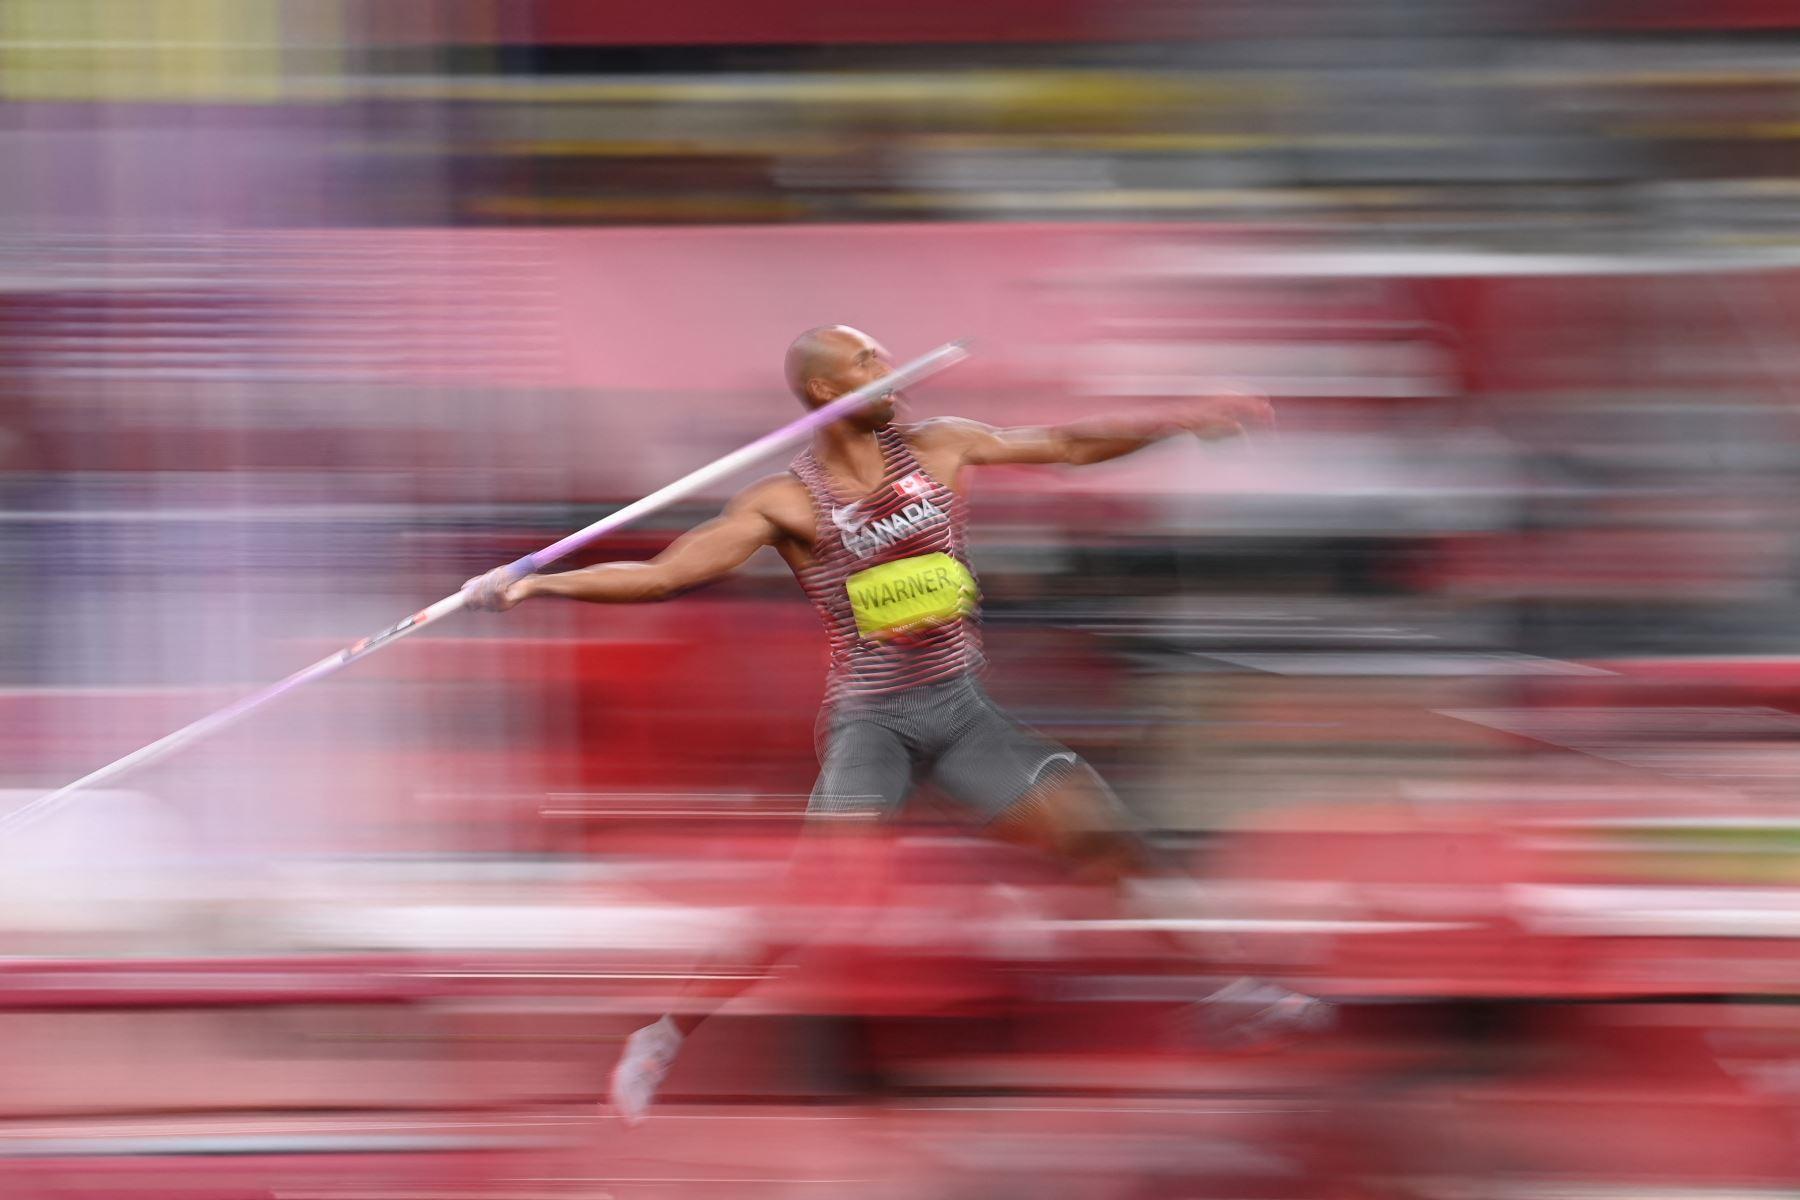 Damian Warner de Canadá compite en el lanzamiento de jabalina de decatlón masculino durante los Juegos Olímpicos de Tokio 2020 en el Estadio Olímpico de Tokio. Foto:AFP